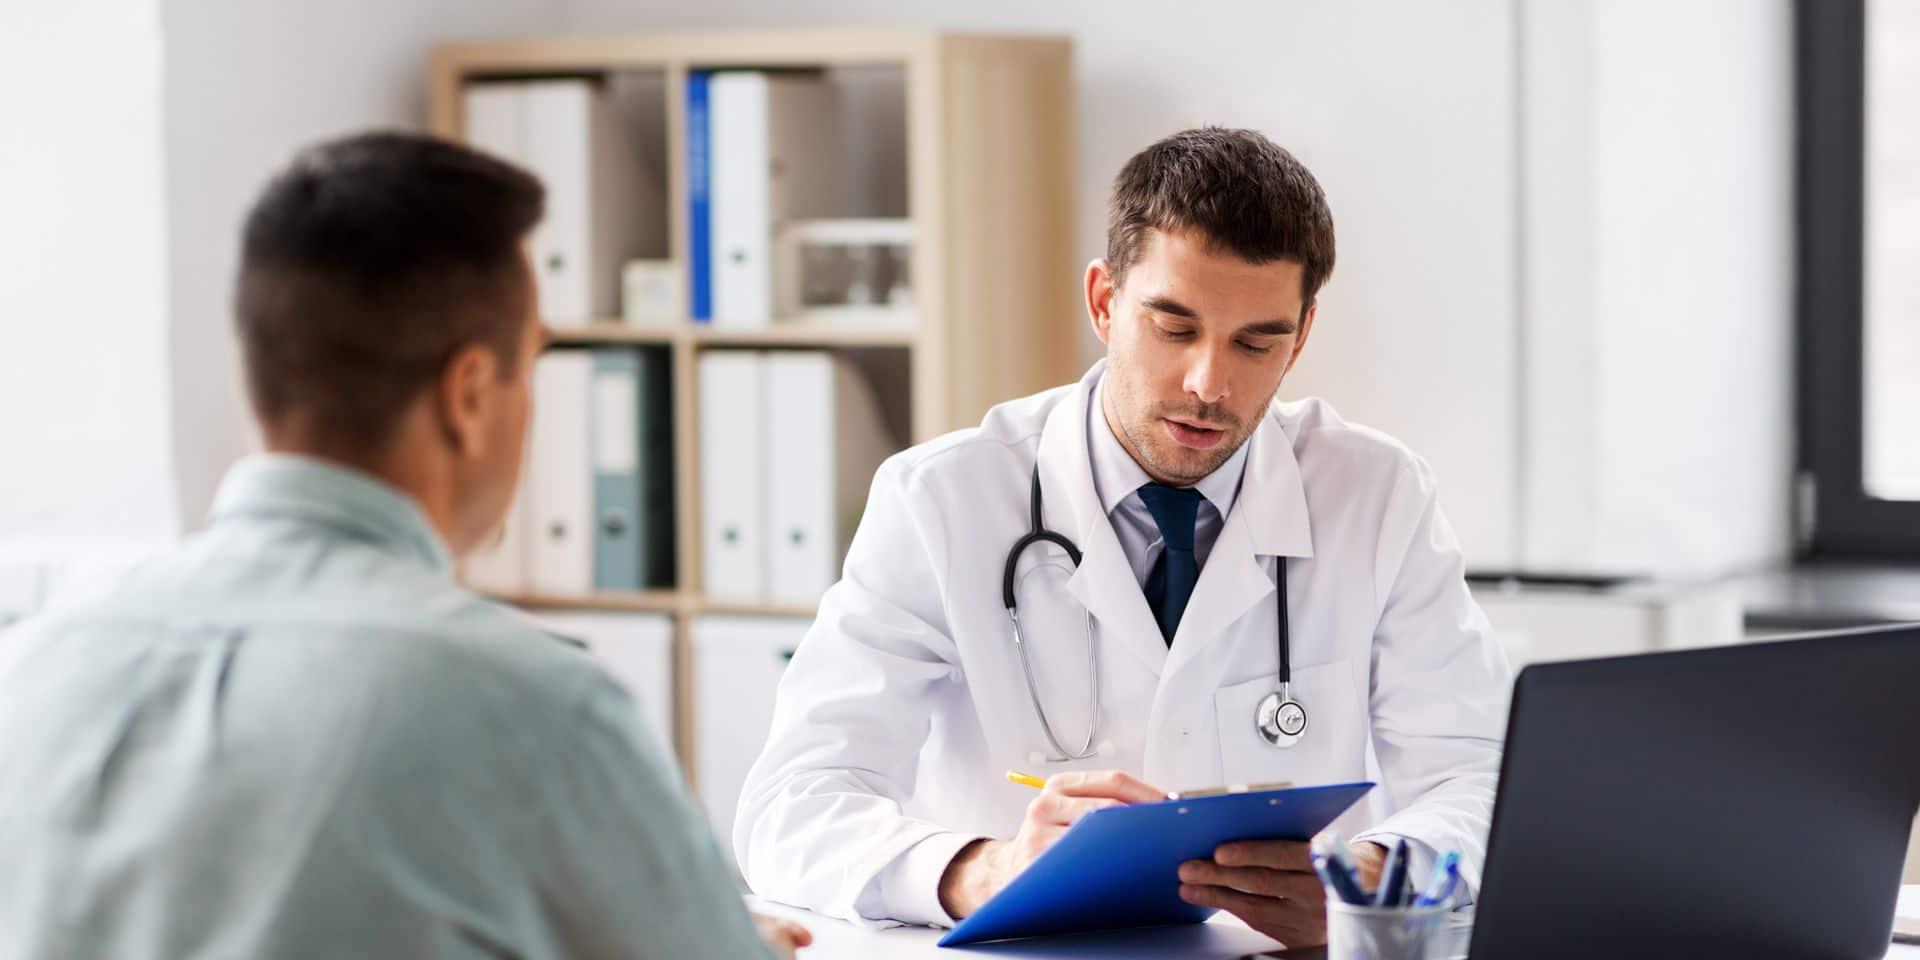 Fatigués, les médecins généralistes redoutent une seconde vague de coronavirus